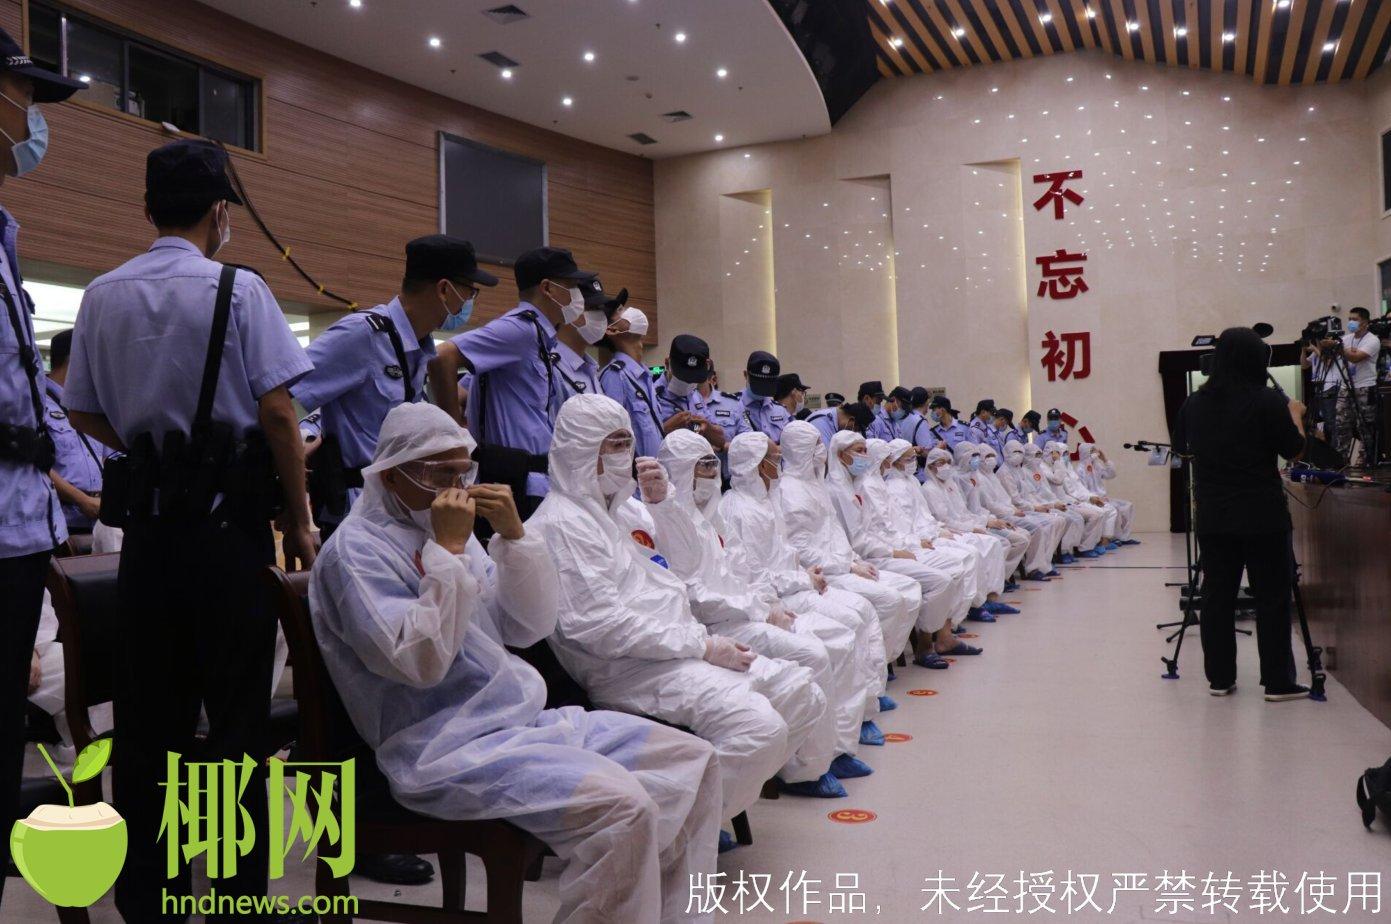 因被判24年有期徒刑不服上诉 海南高院再审陈恒贵涉黑案